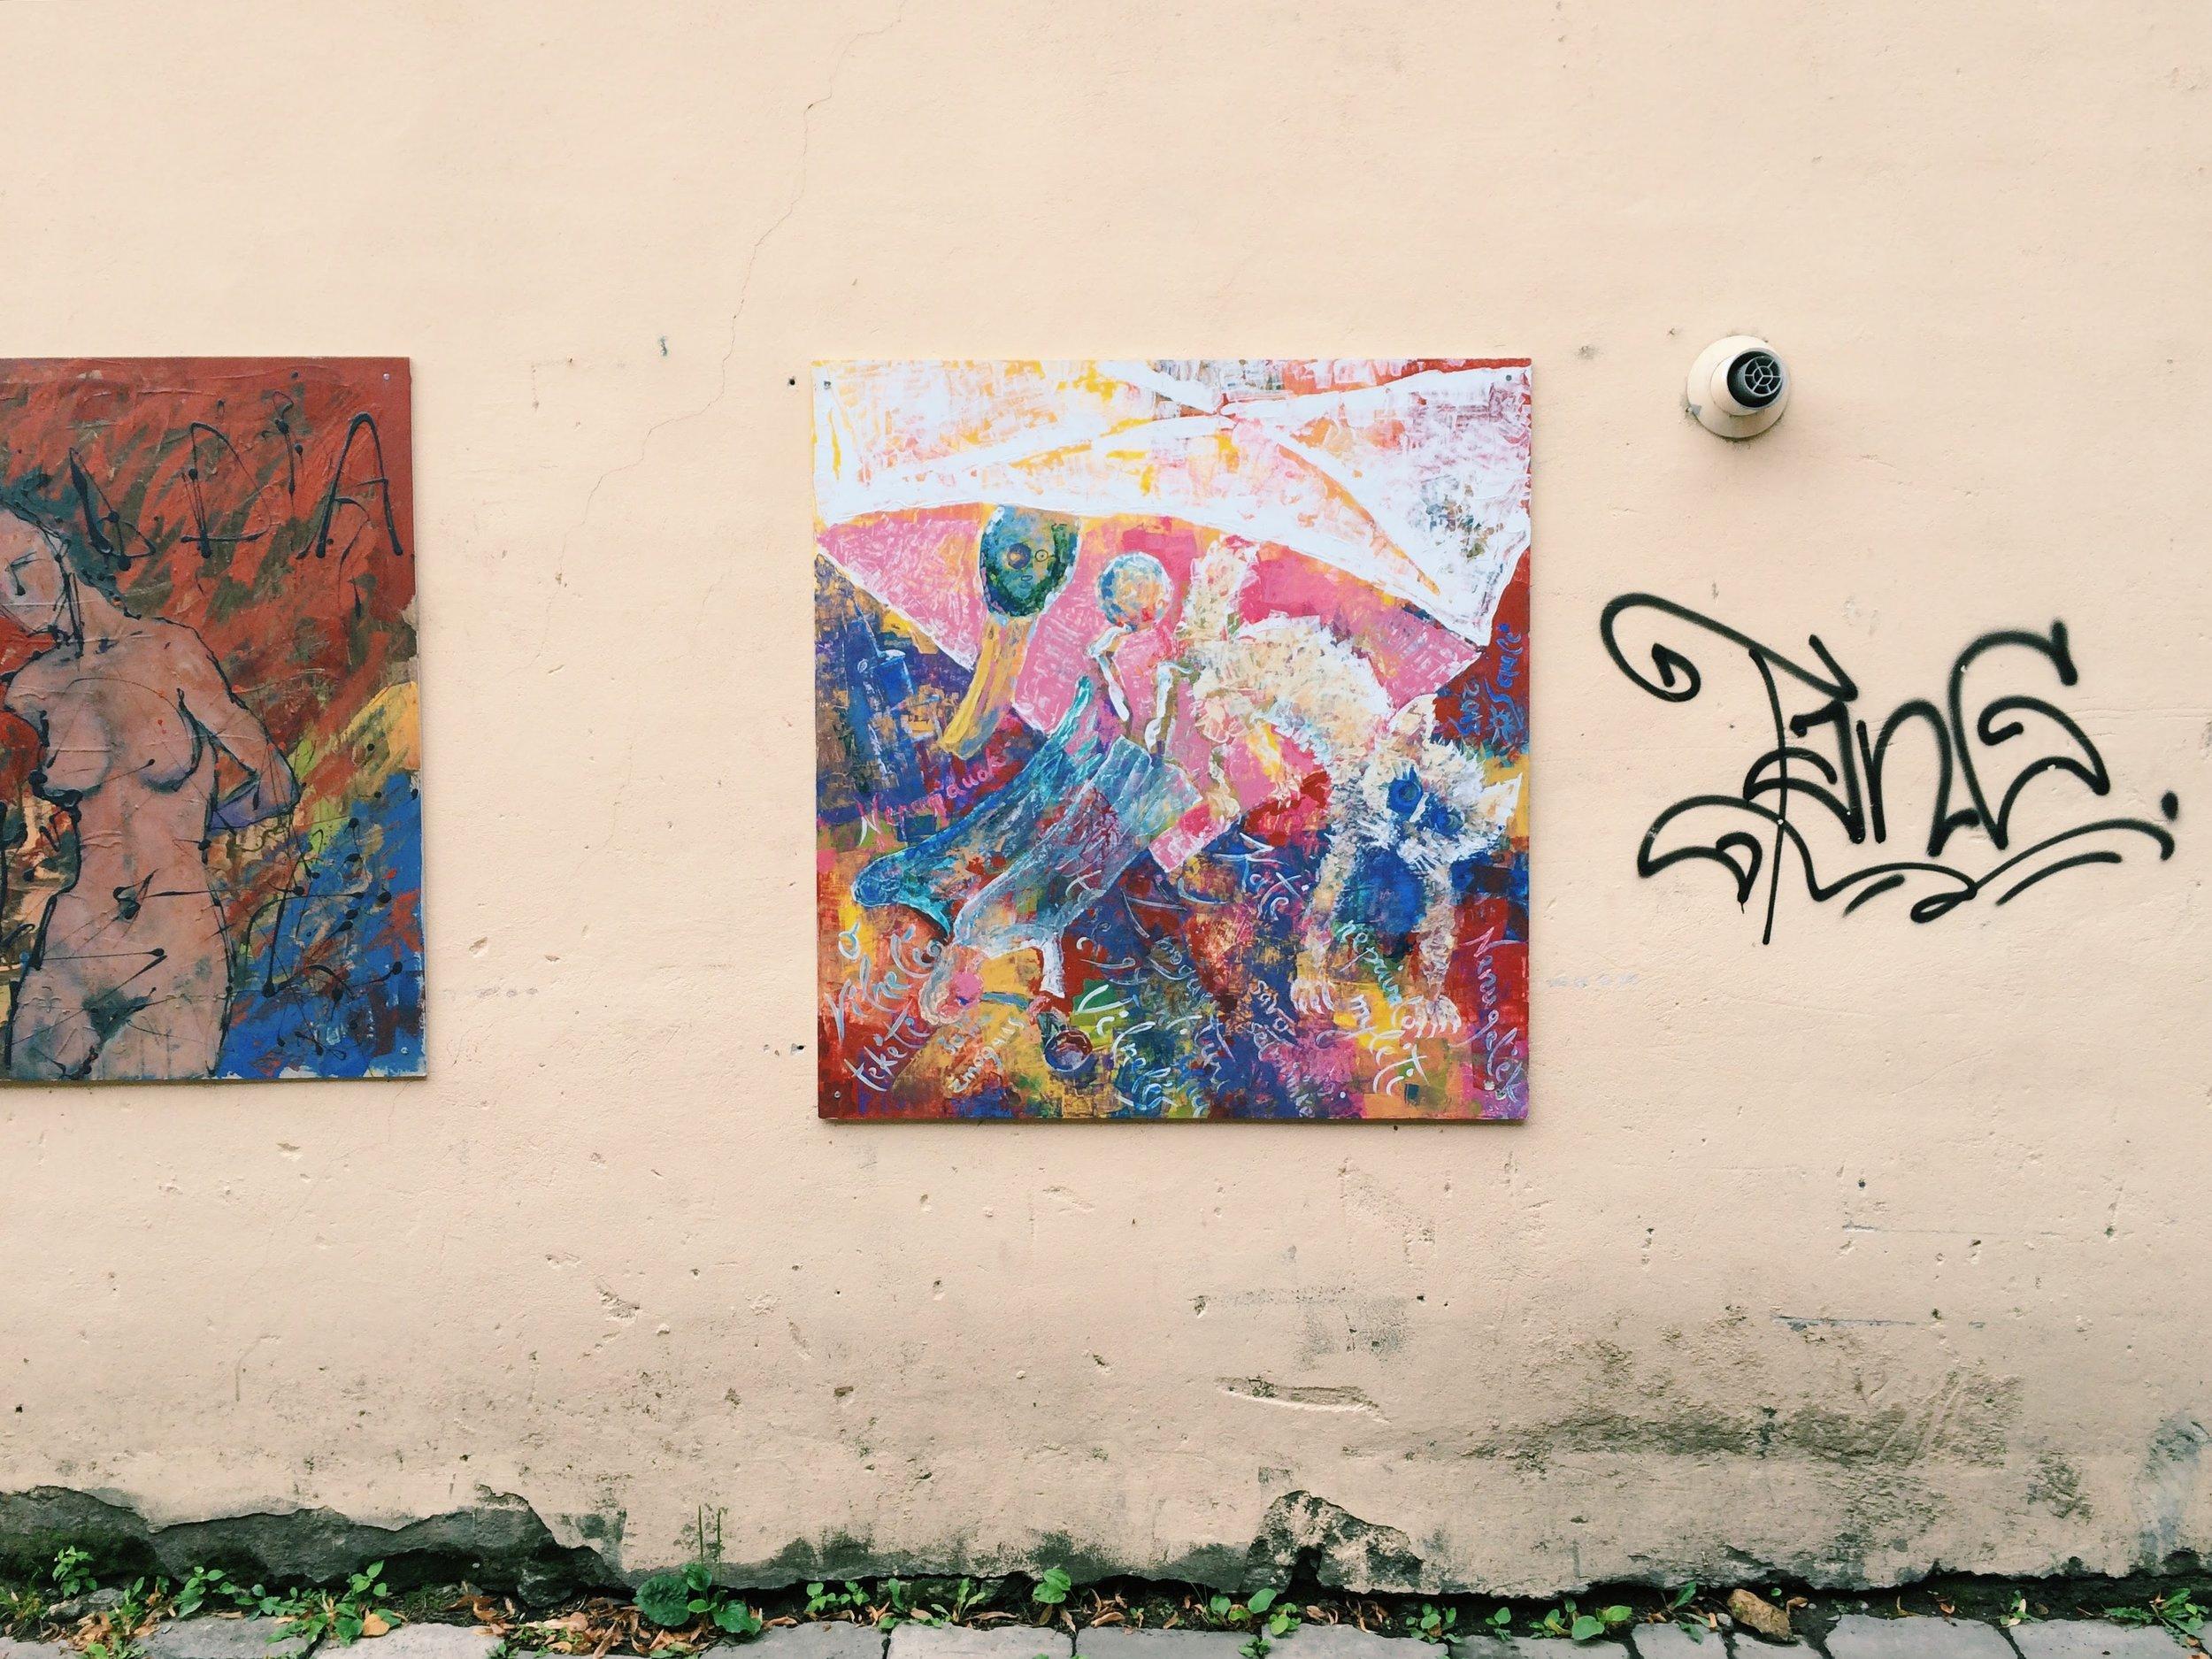 Urban art in Vilnius, Lithuania.